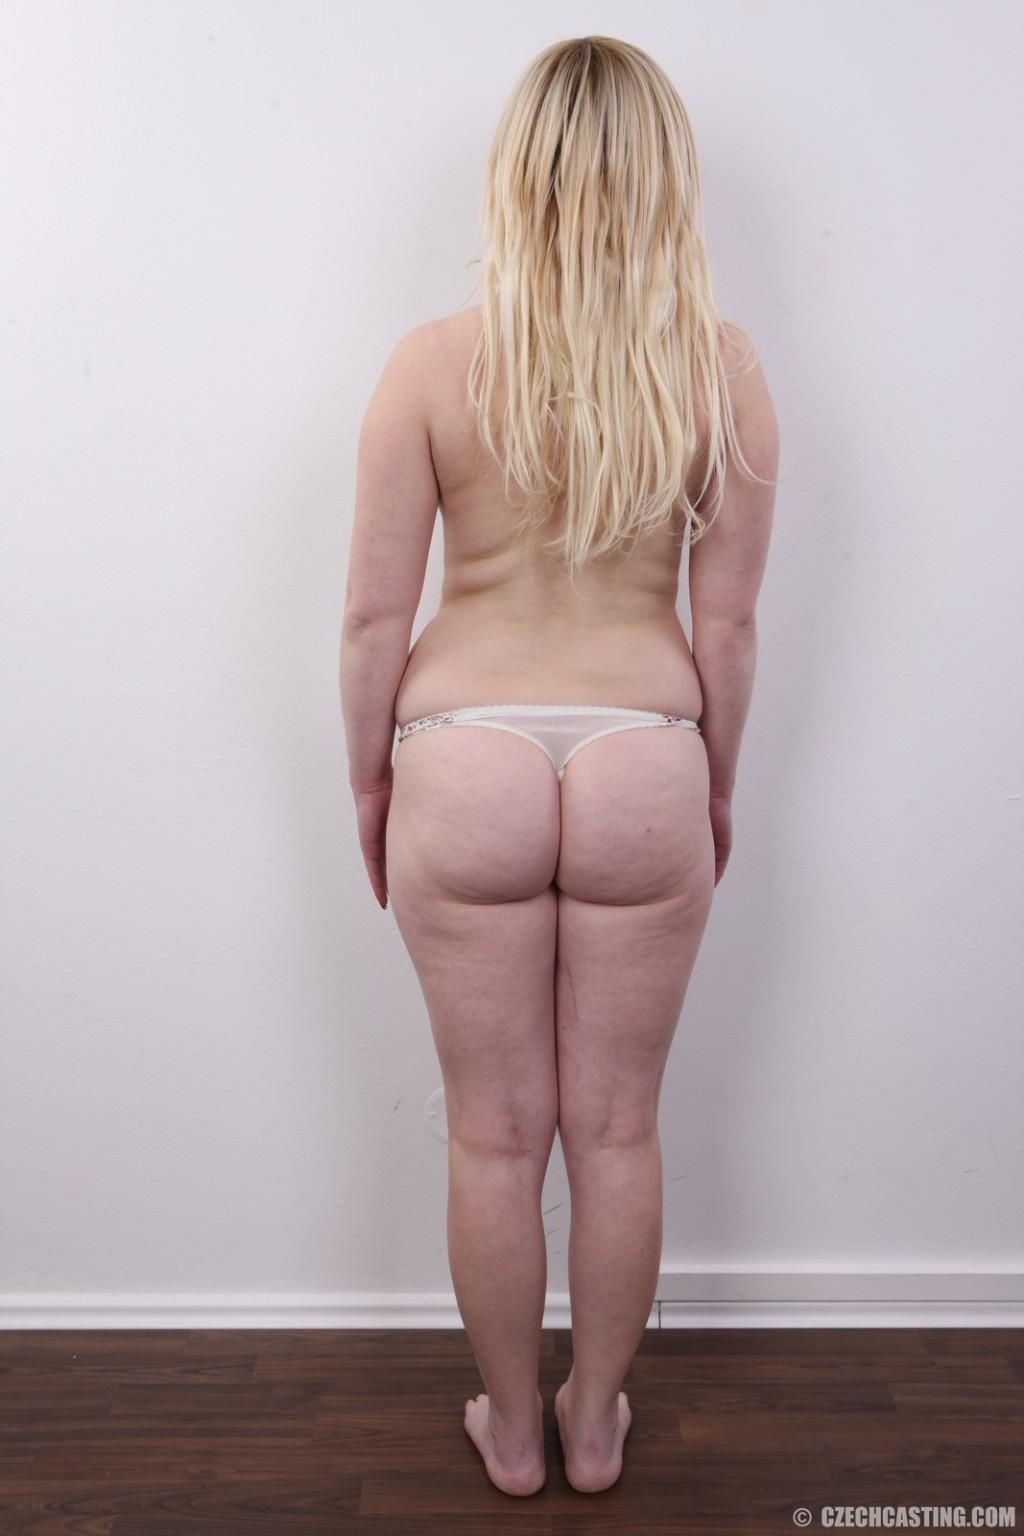 Блондинку на кастинге заставили оголить свое не очень красивое тело